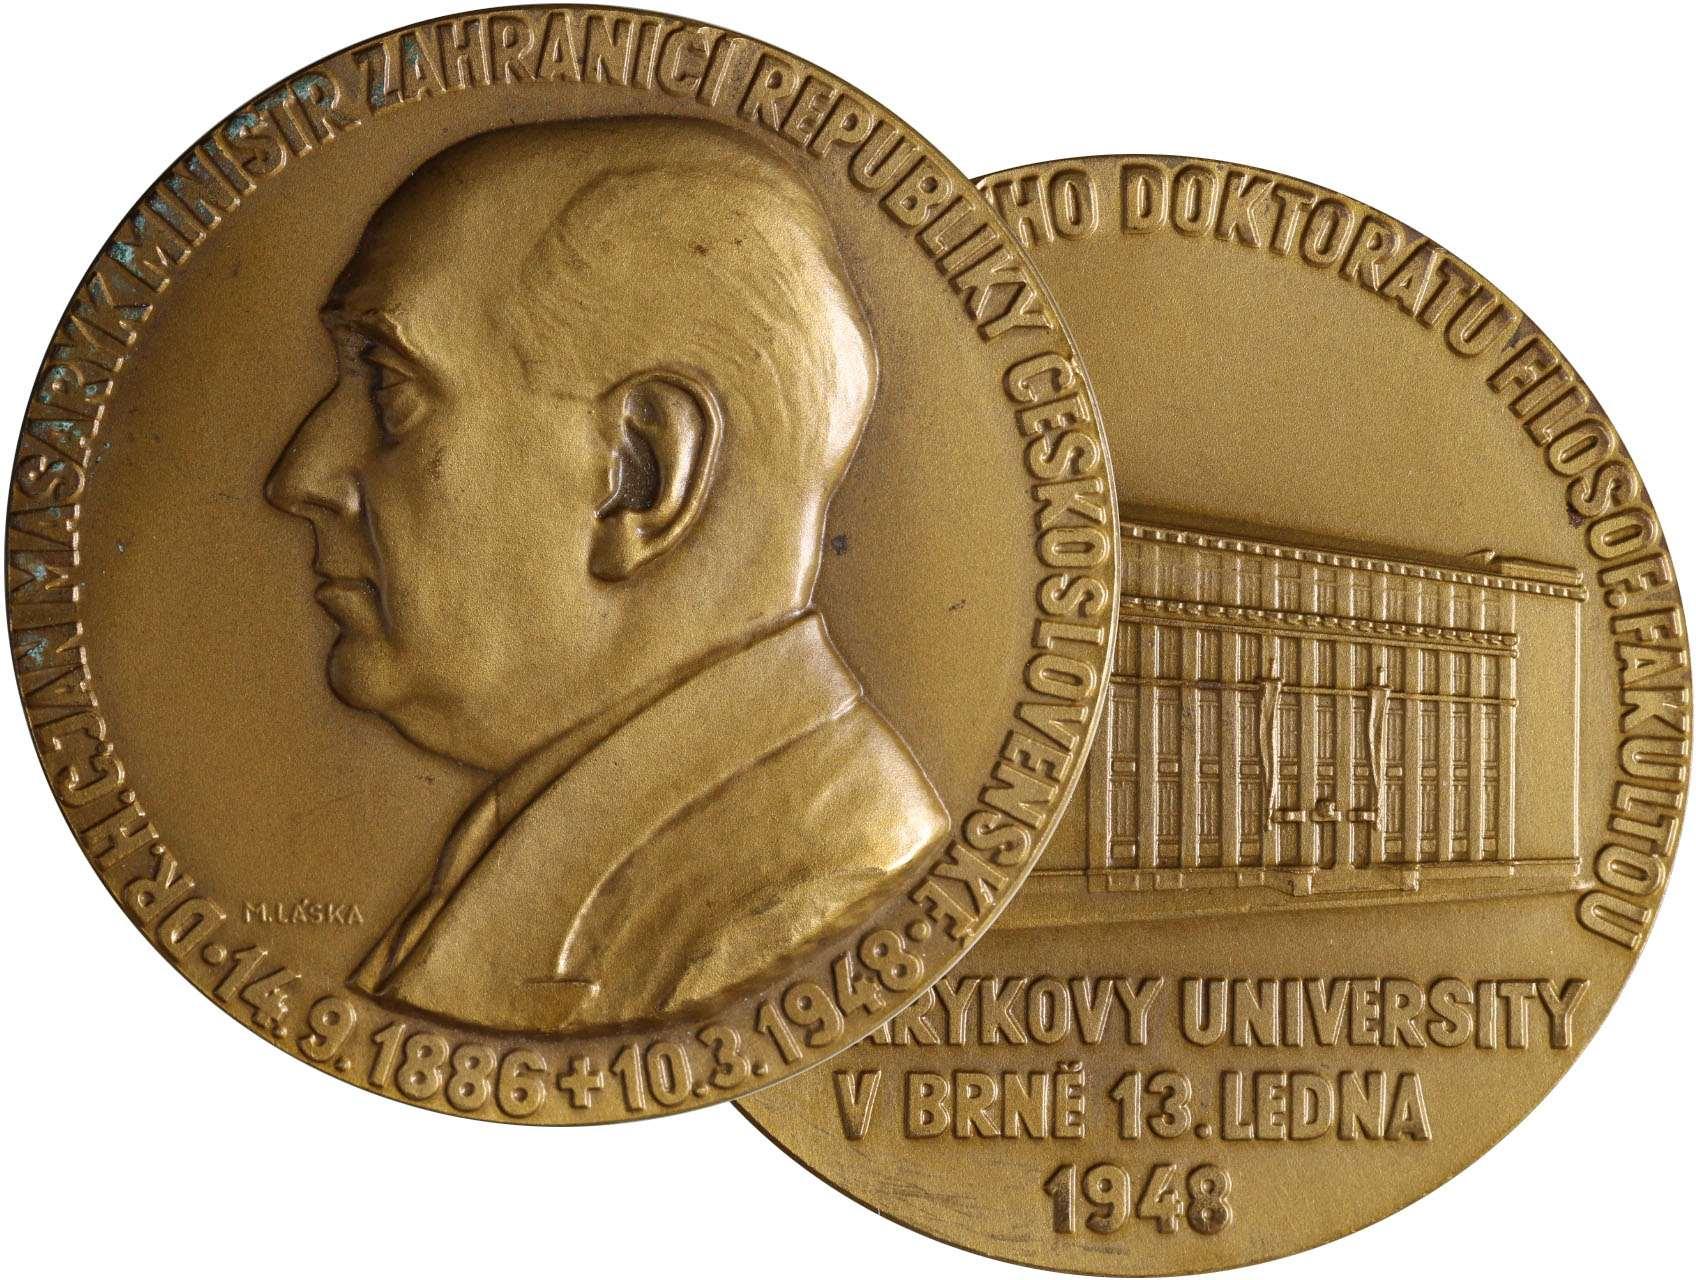 Láska Miloš 1917-1984 - AE Medaile 1948, Jan Masaryk, na paměť udělení čestného doktorátu filosofickou fakultou Masyrykovy university v Brně, bronz 60 mm